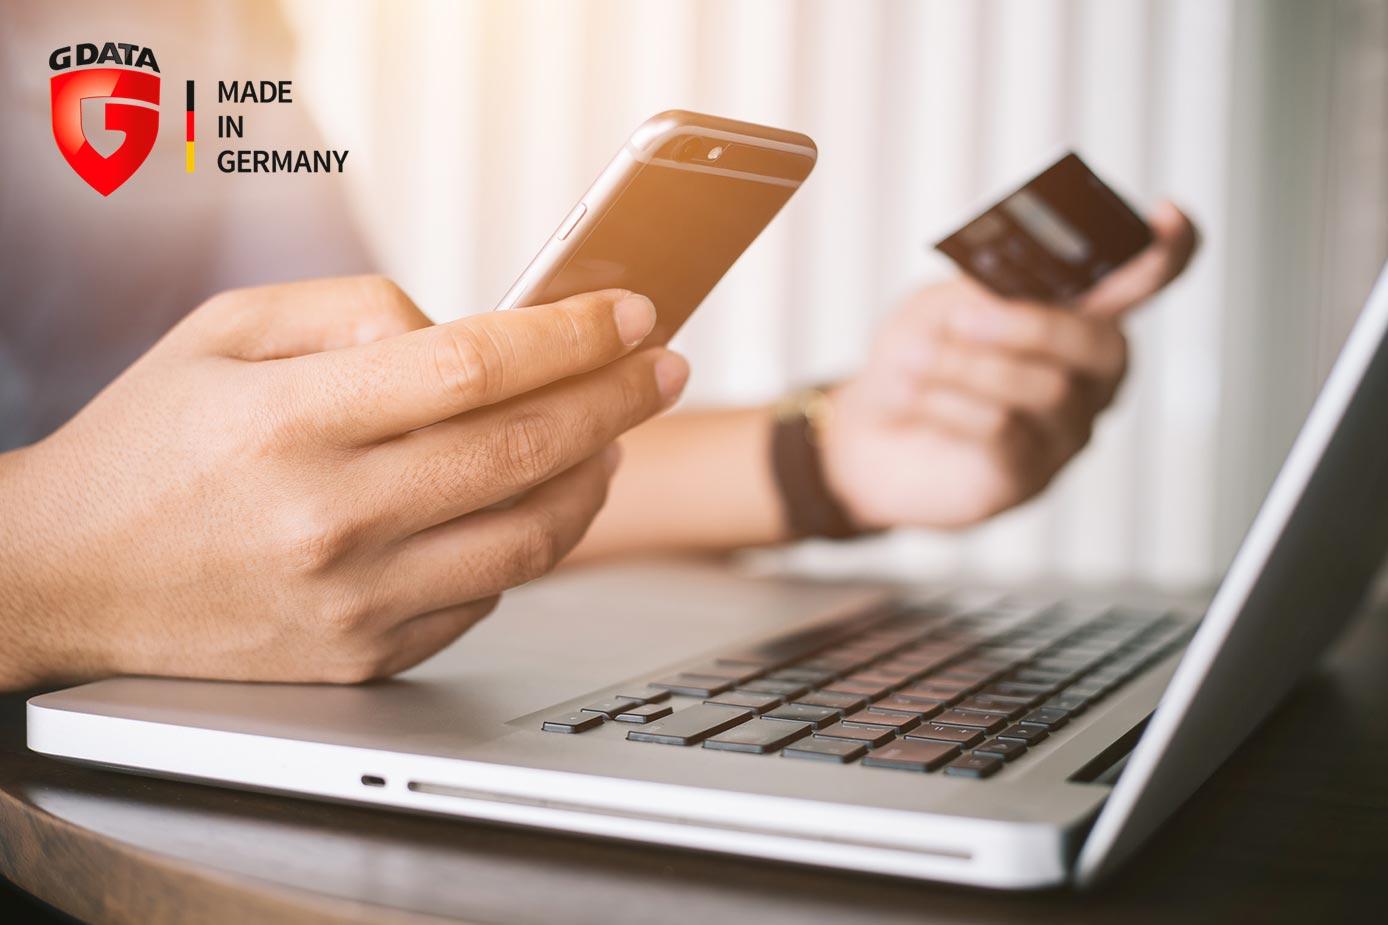 Zakupy online - sprawdź czy dobrze to robisz